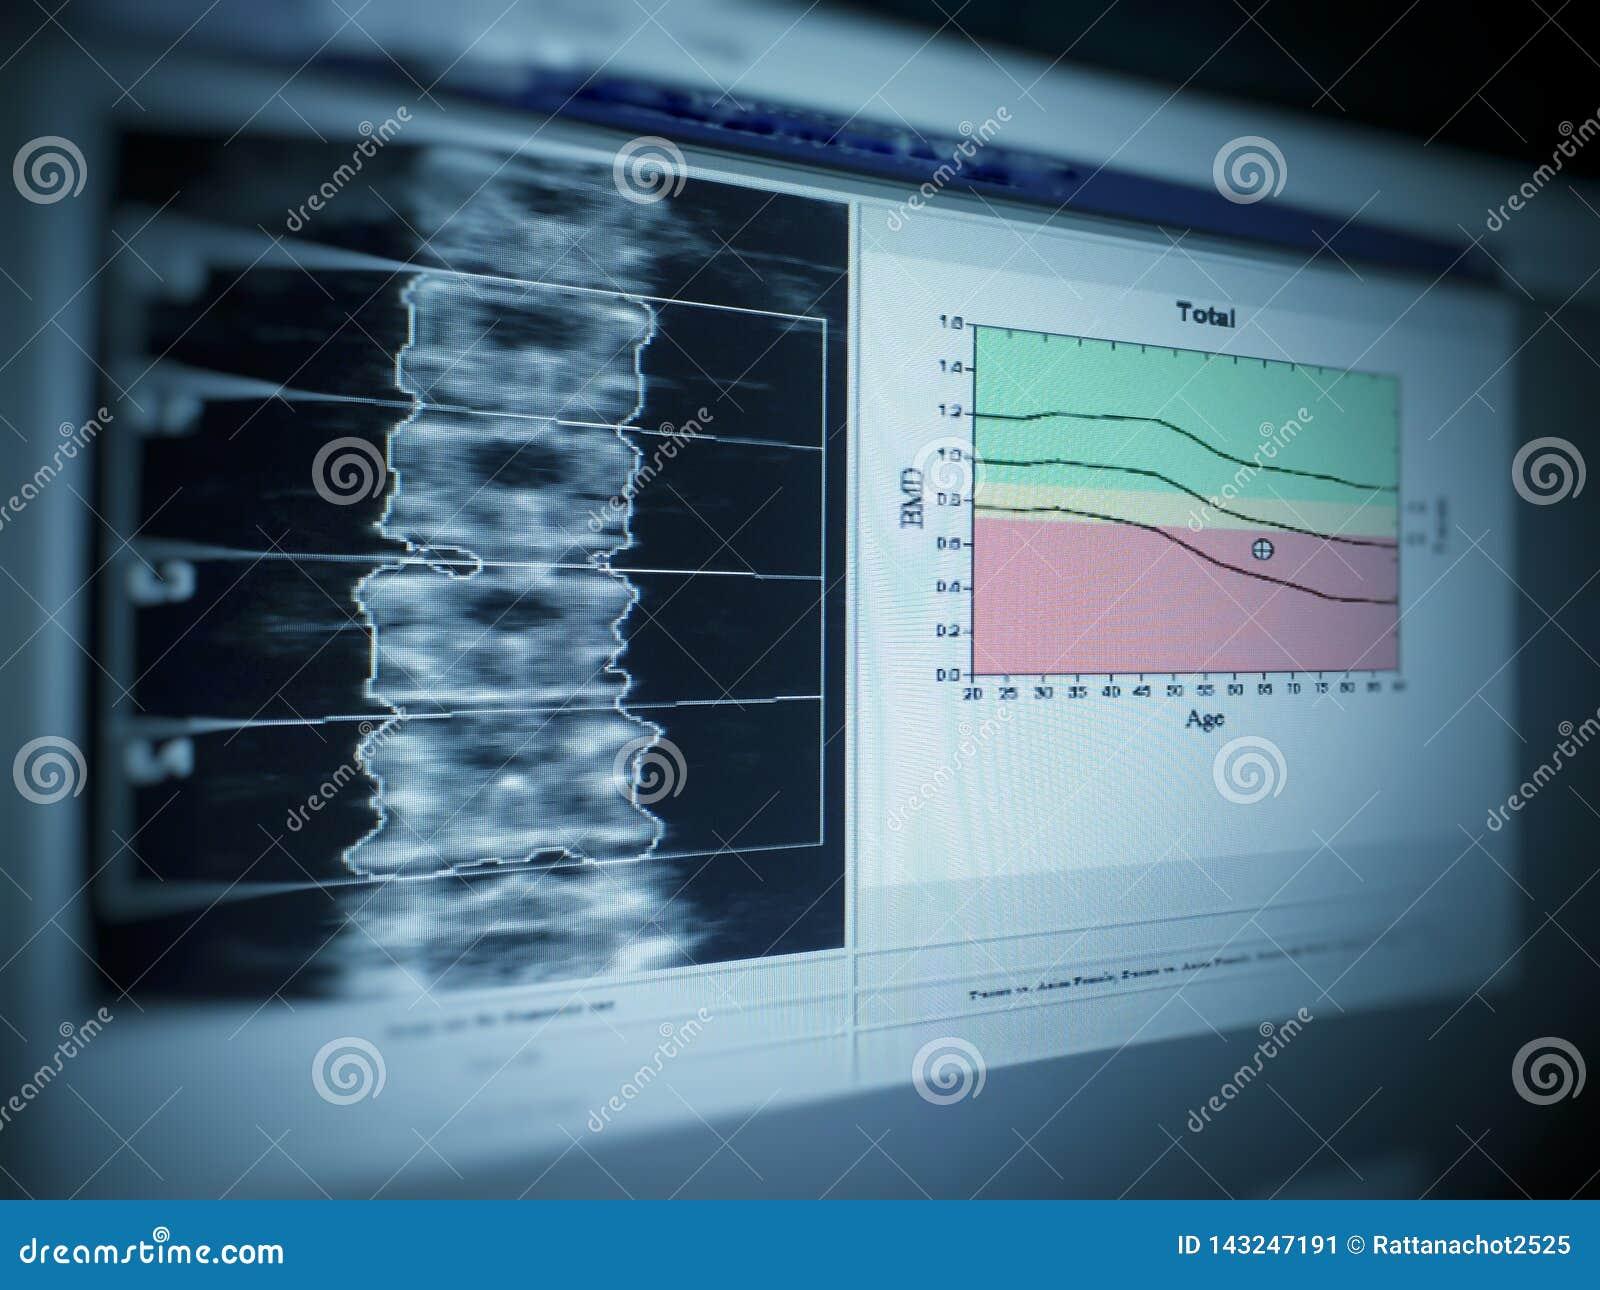 Immagine morbida e confusa: densità ossea lombare di immagine medica speciale dell esame su fondo bianco r